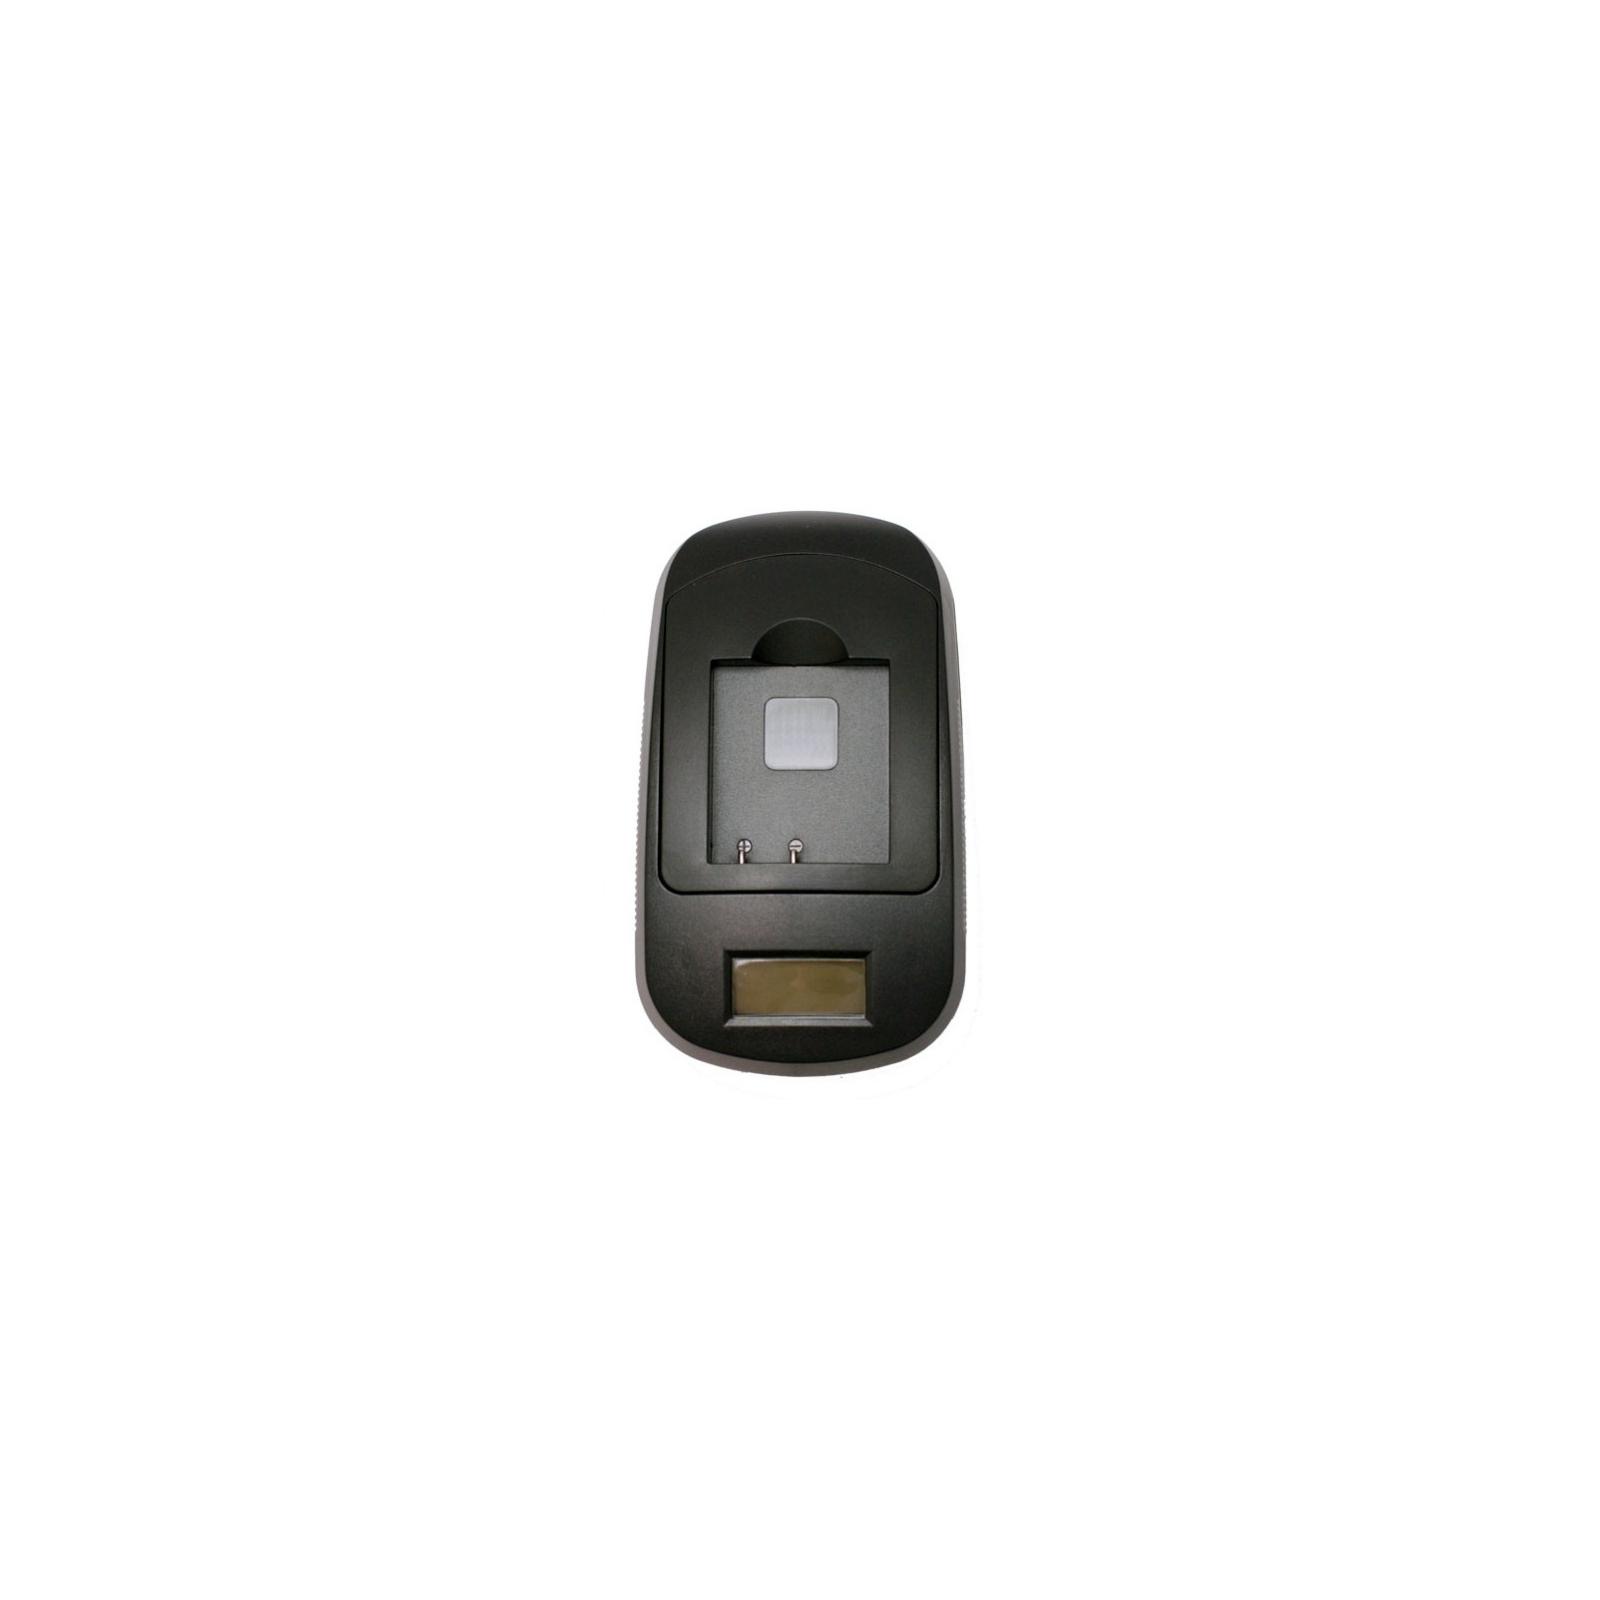 Зарядное устройство для фото EXTRADIGITAL Li-40B, Li-42B (DV0LCD2043) изображение 2